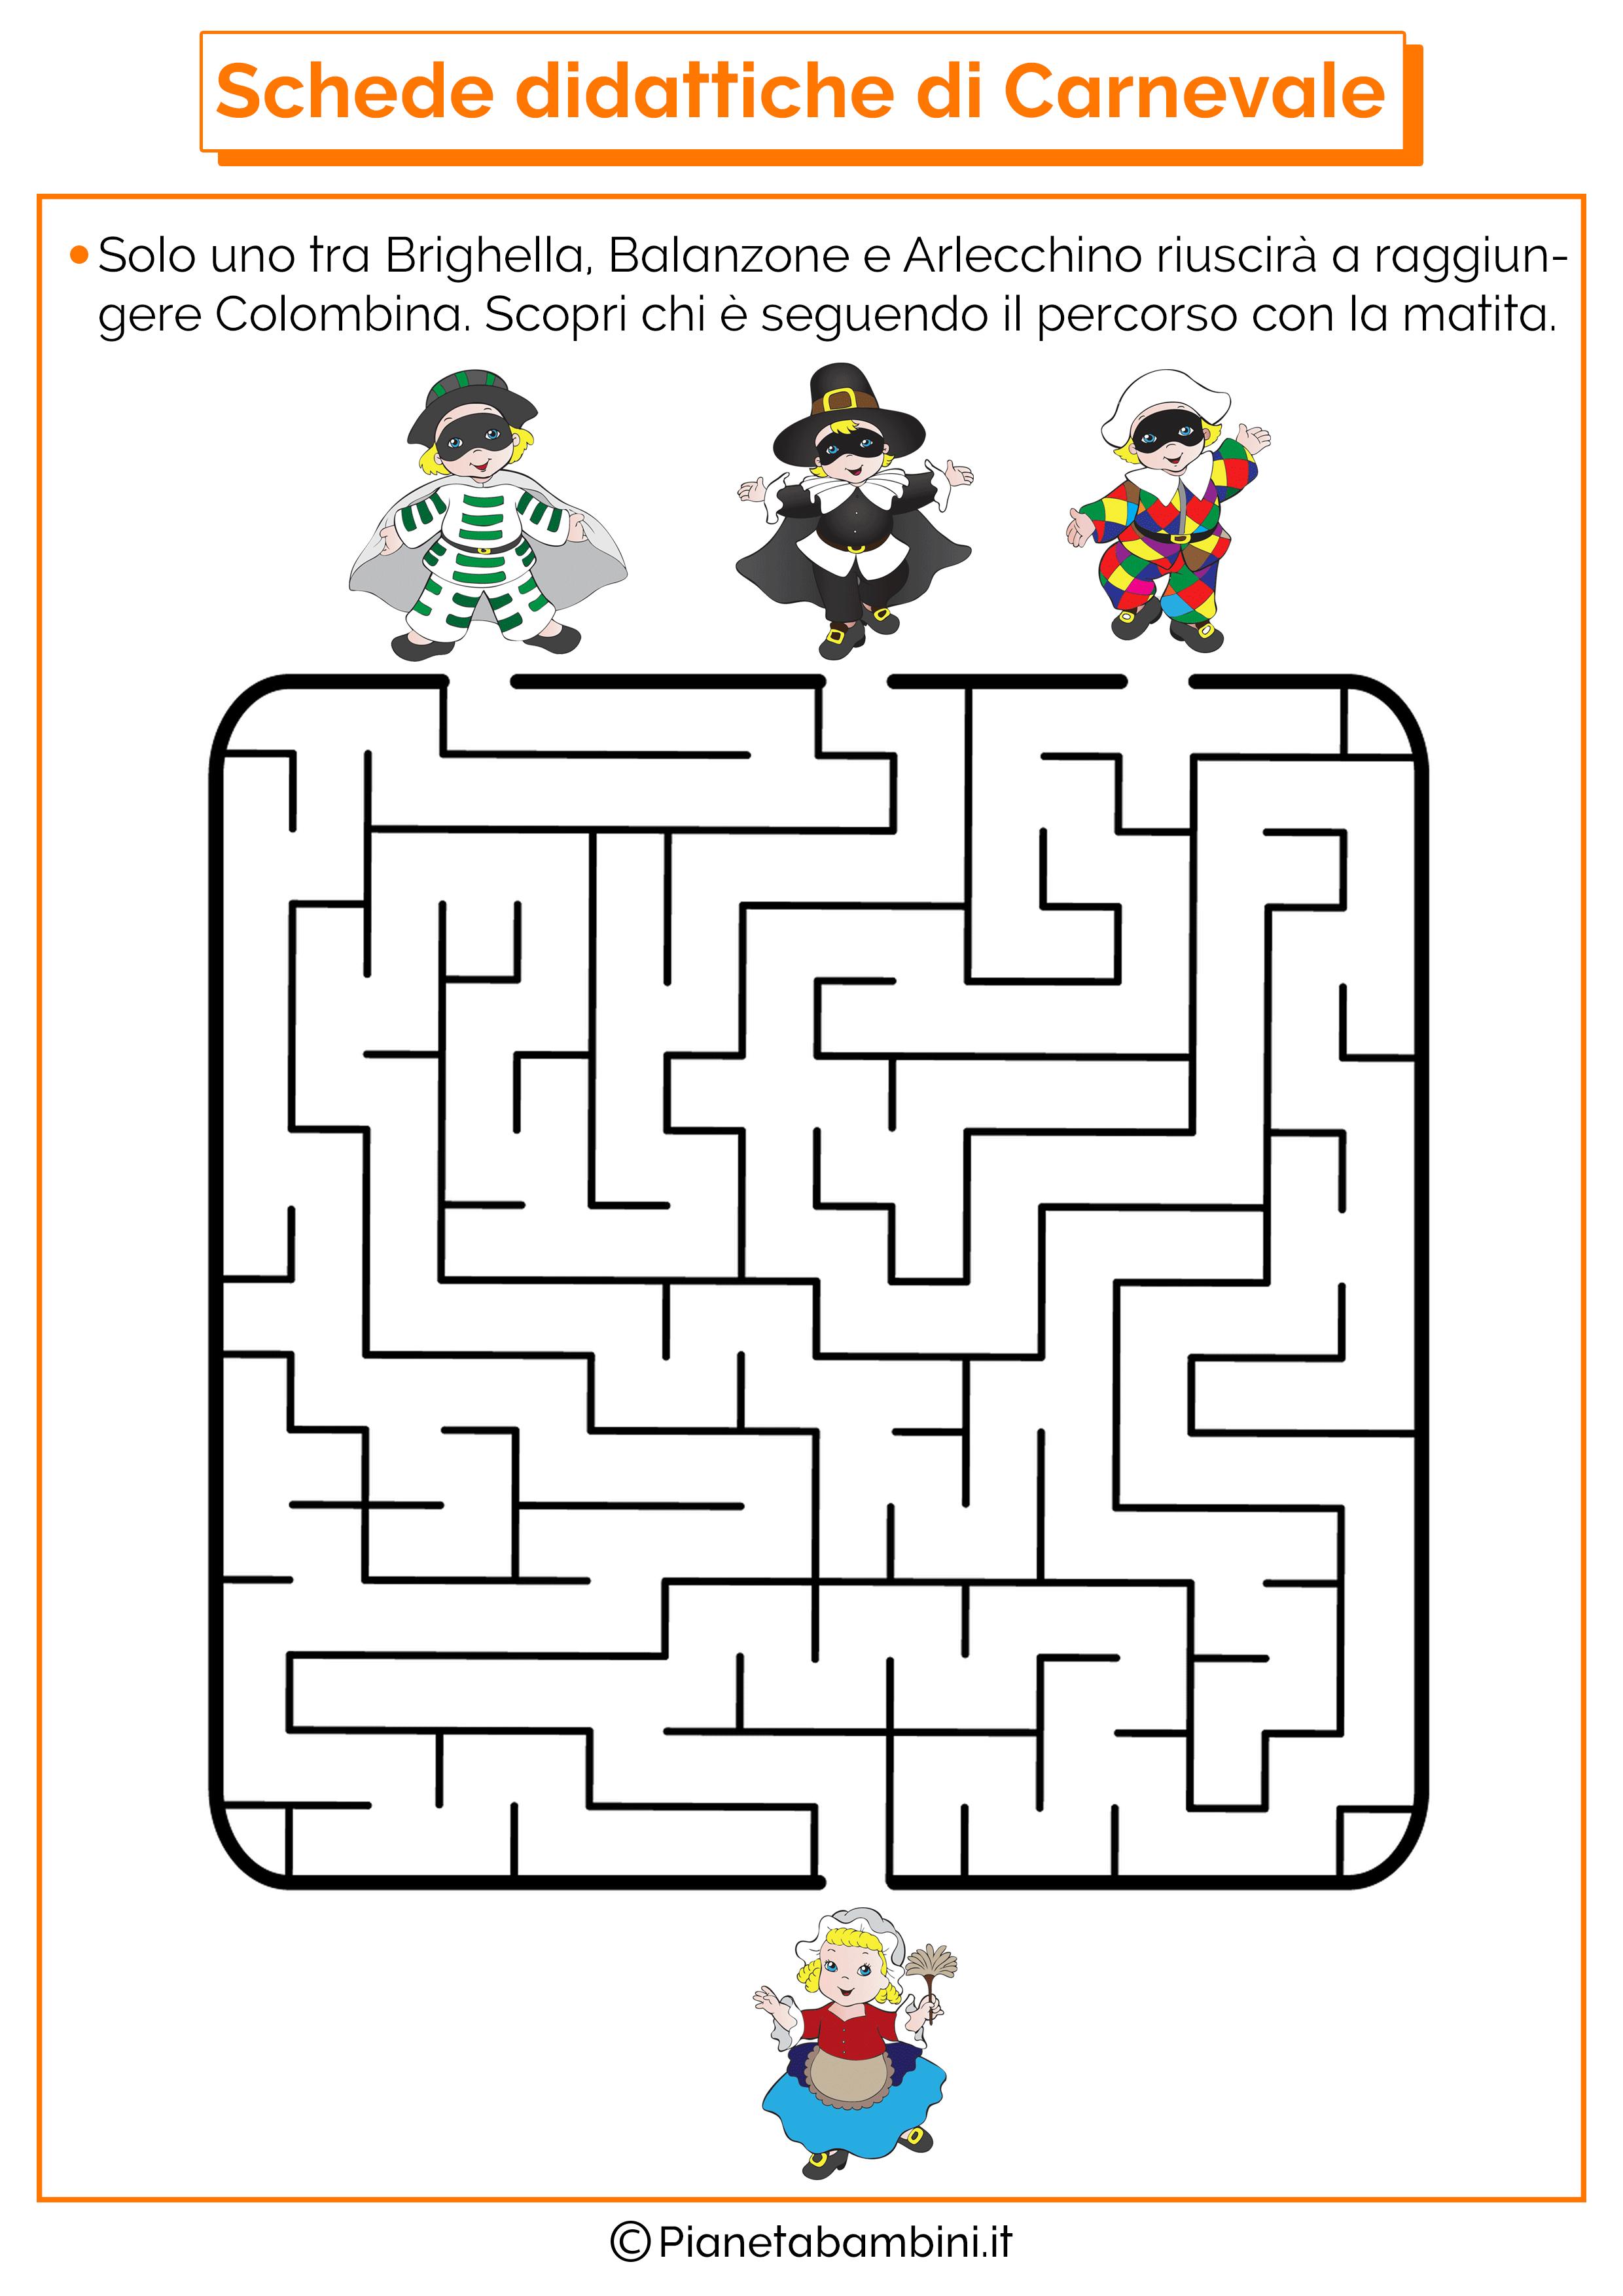 Schede didattiche di carnevale per la scuola dell infanzia for Schede didattiche scuola dell infanzia da stampare natale